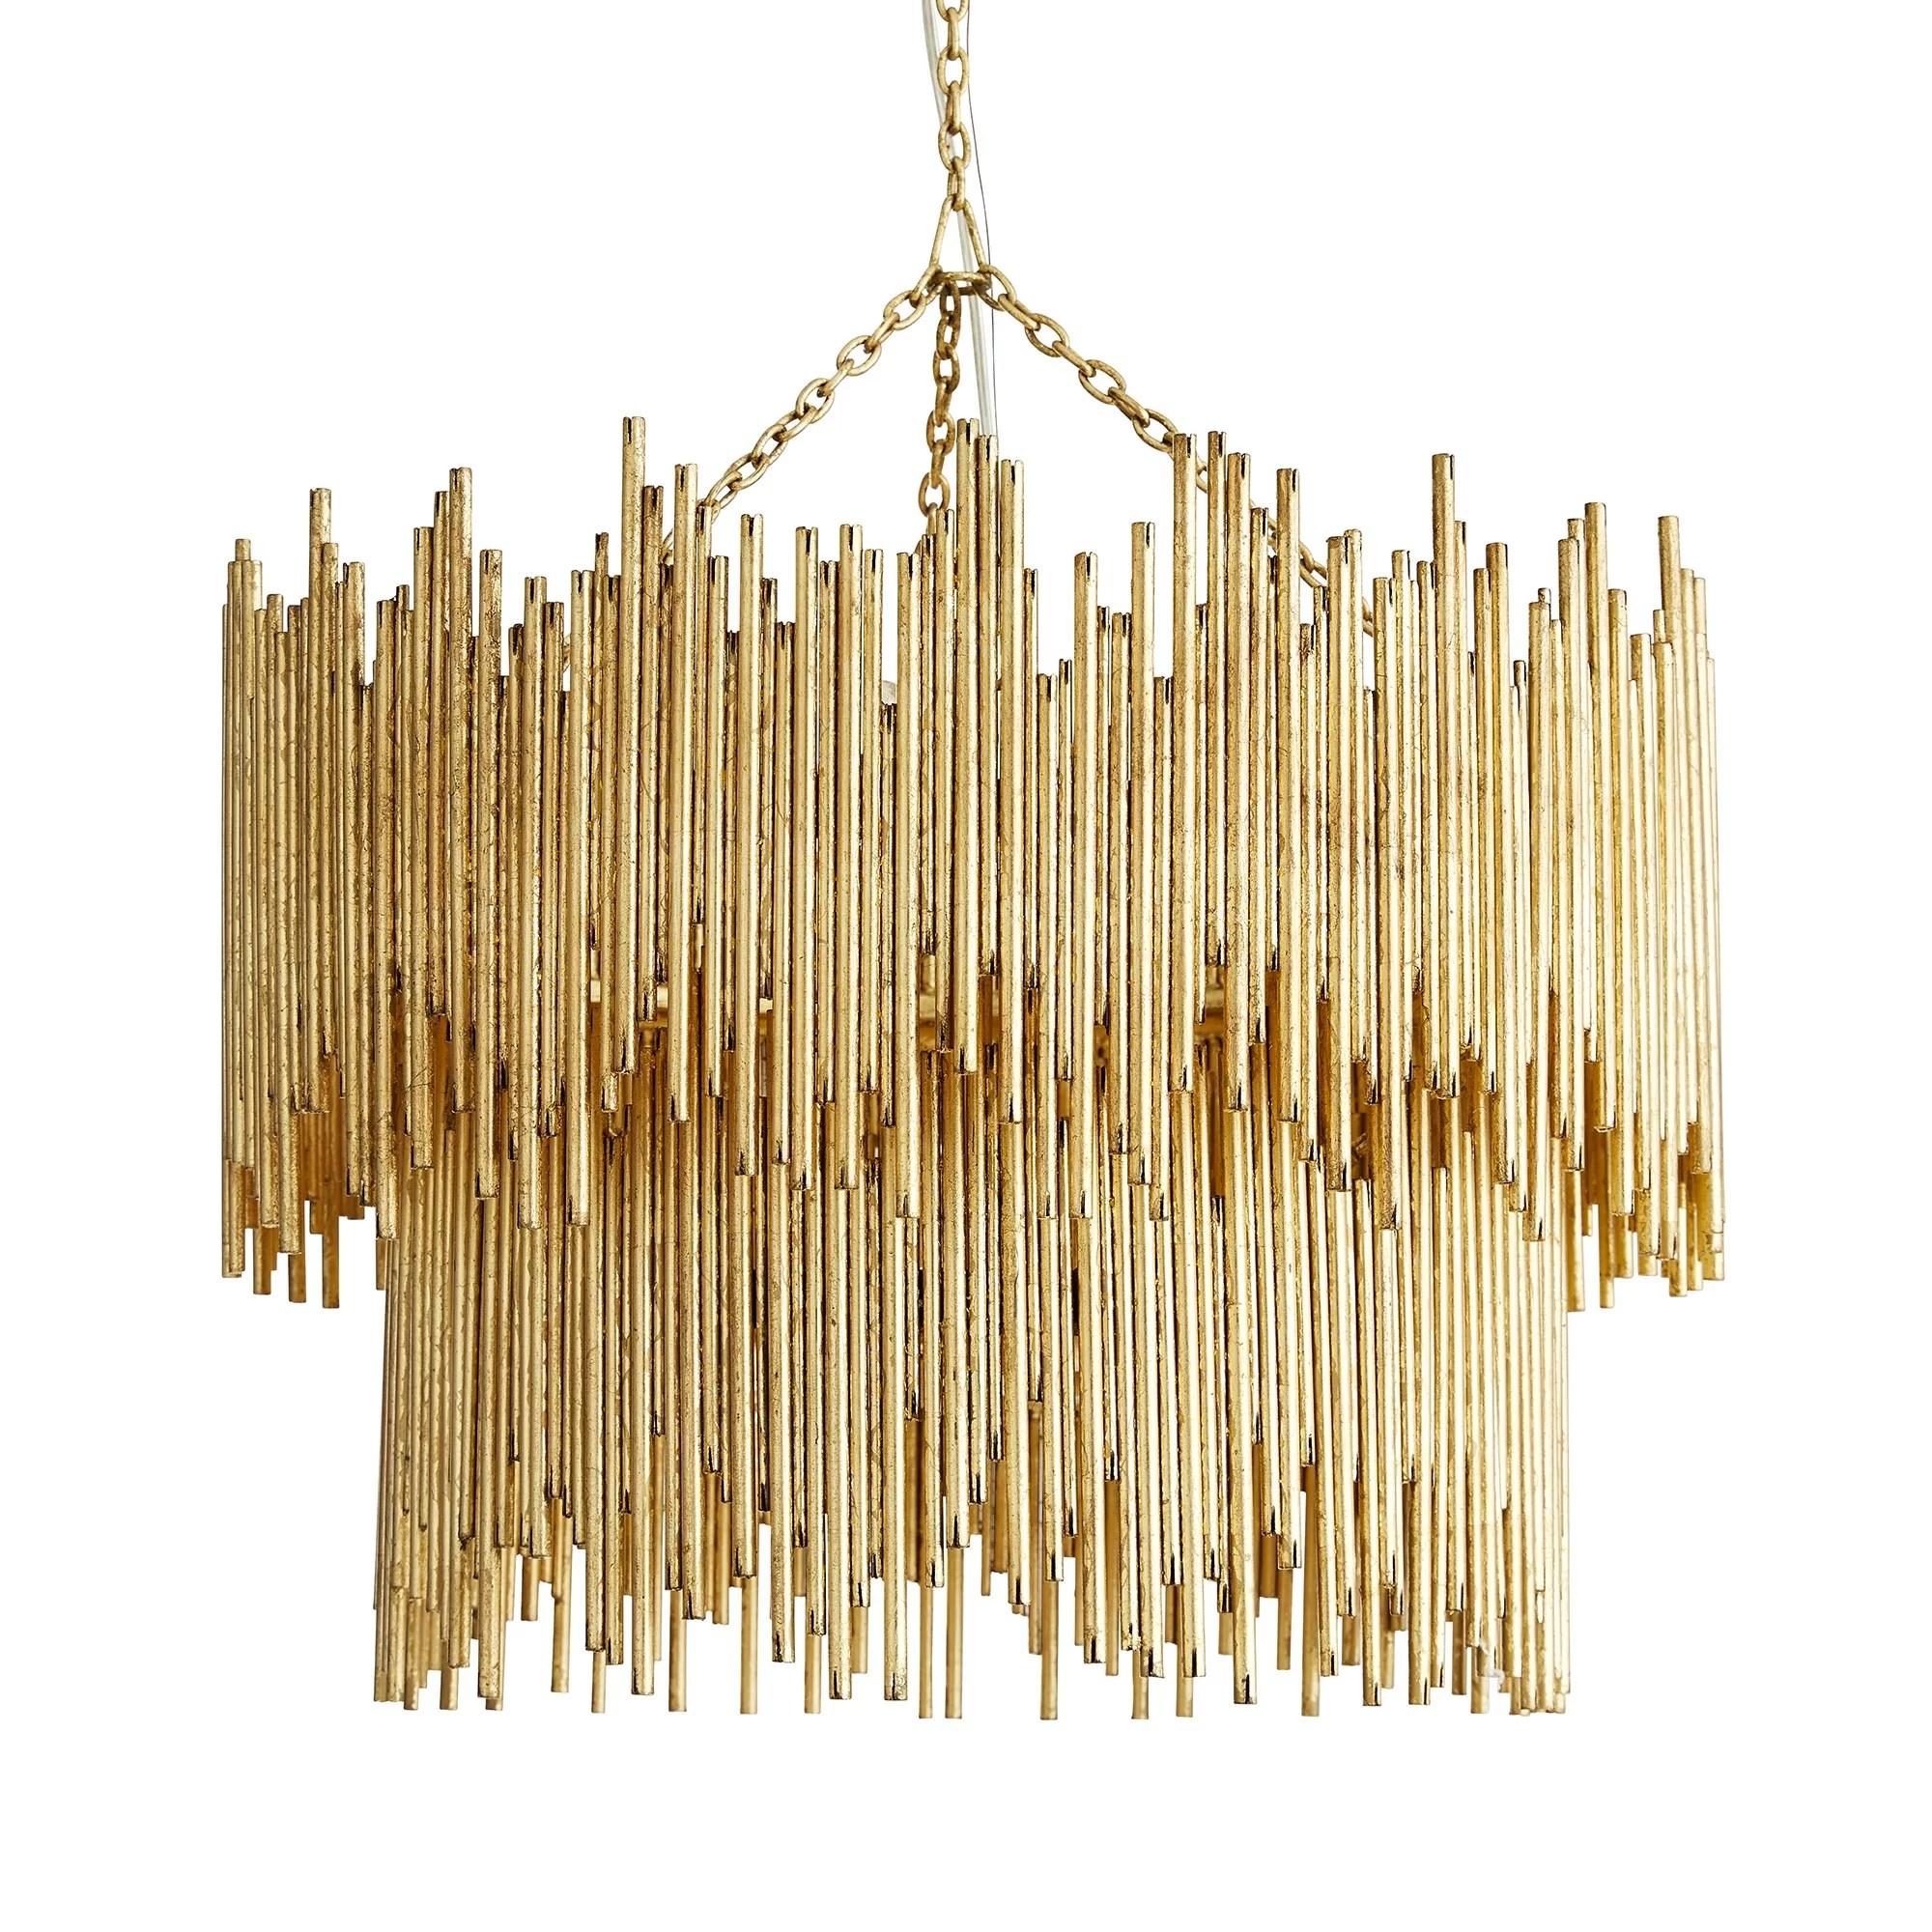 prescott 8 light unique statement tiered chandelier